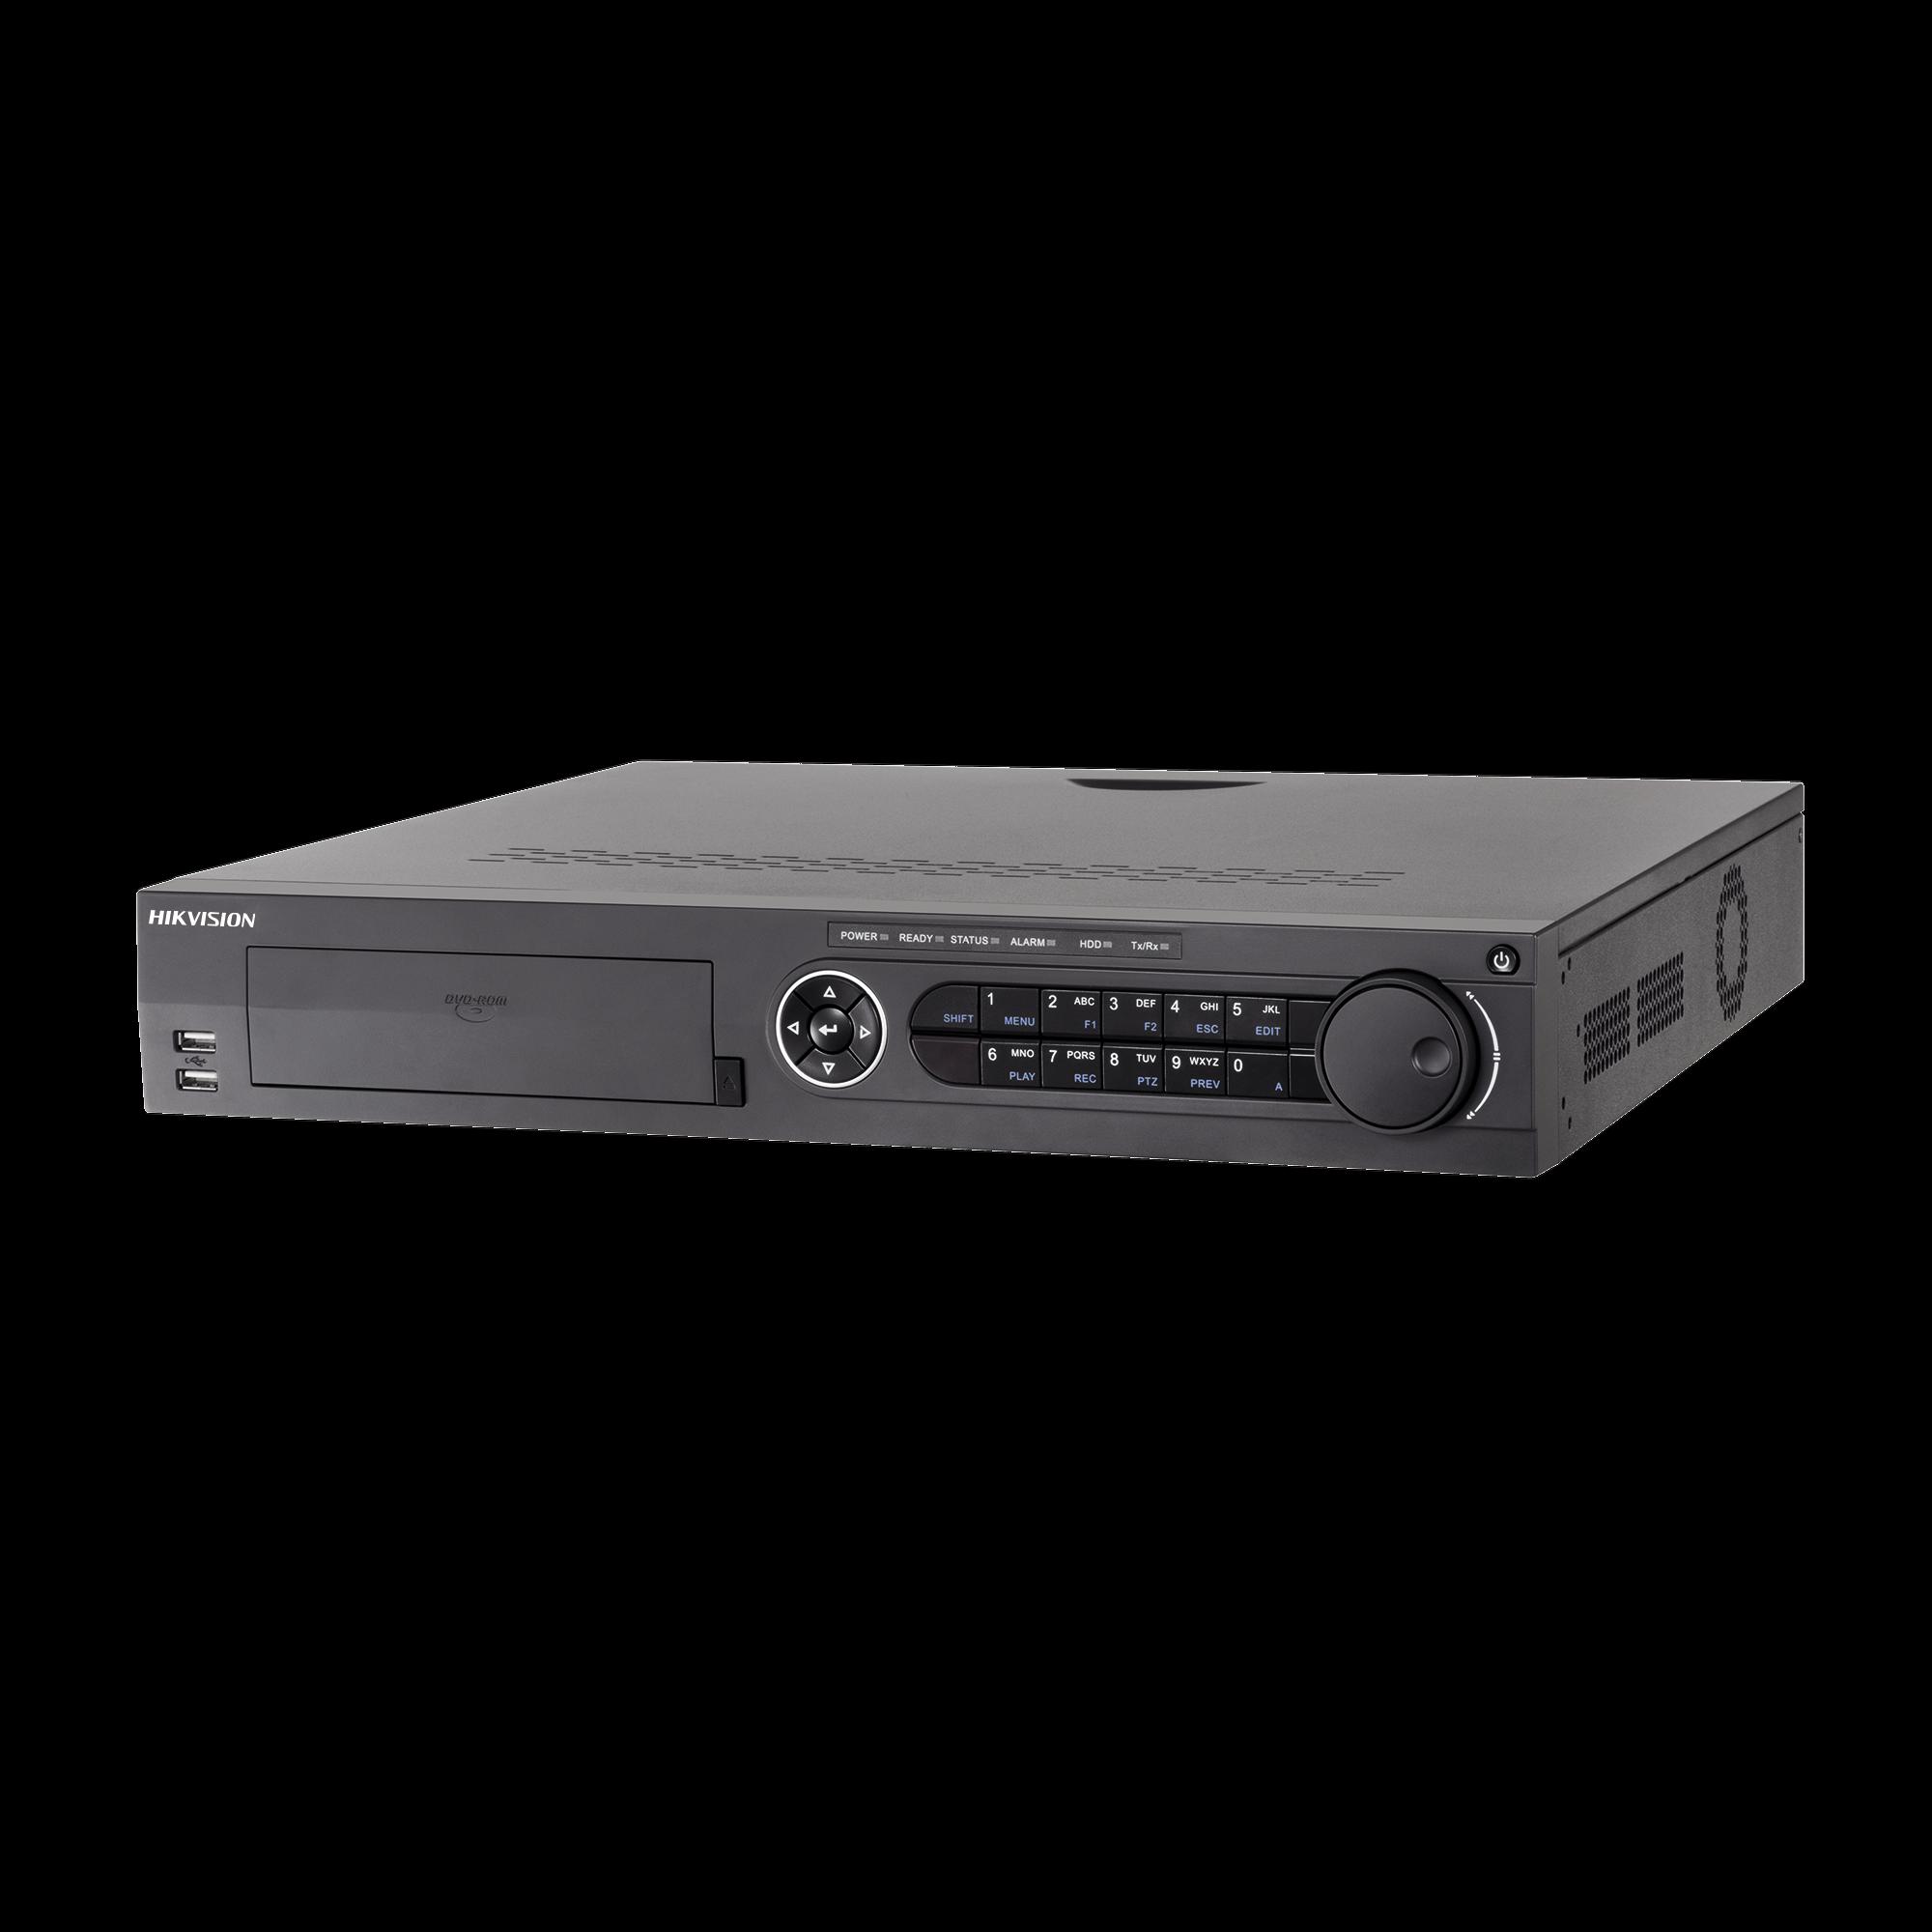 DVR 8 Megapixel / 16 Canales TURBOHD + 16 Canales IP / 4 Bahías de Disco Duro / 4 Canales de Audio / Videoanalisis / 16 Entradas de Alarma / Arreglo RAID